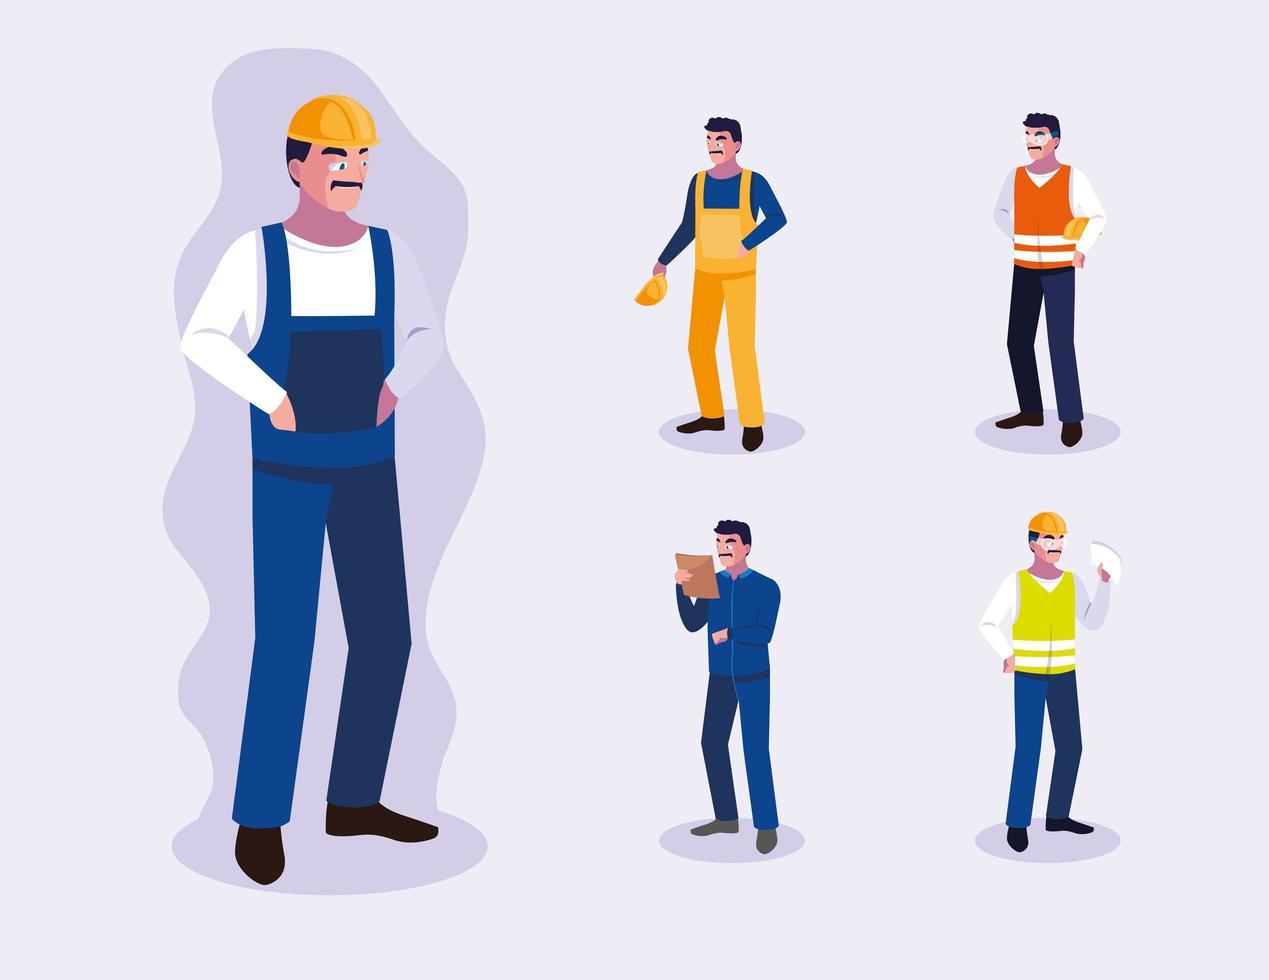 uppsättning manliga professionella arbetare design vektor